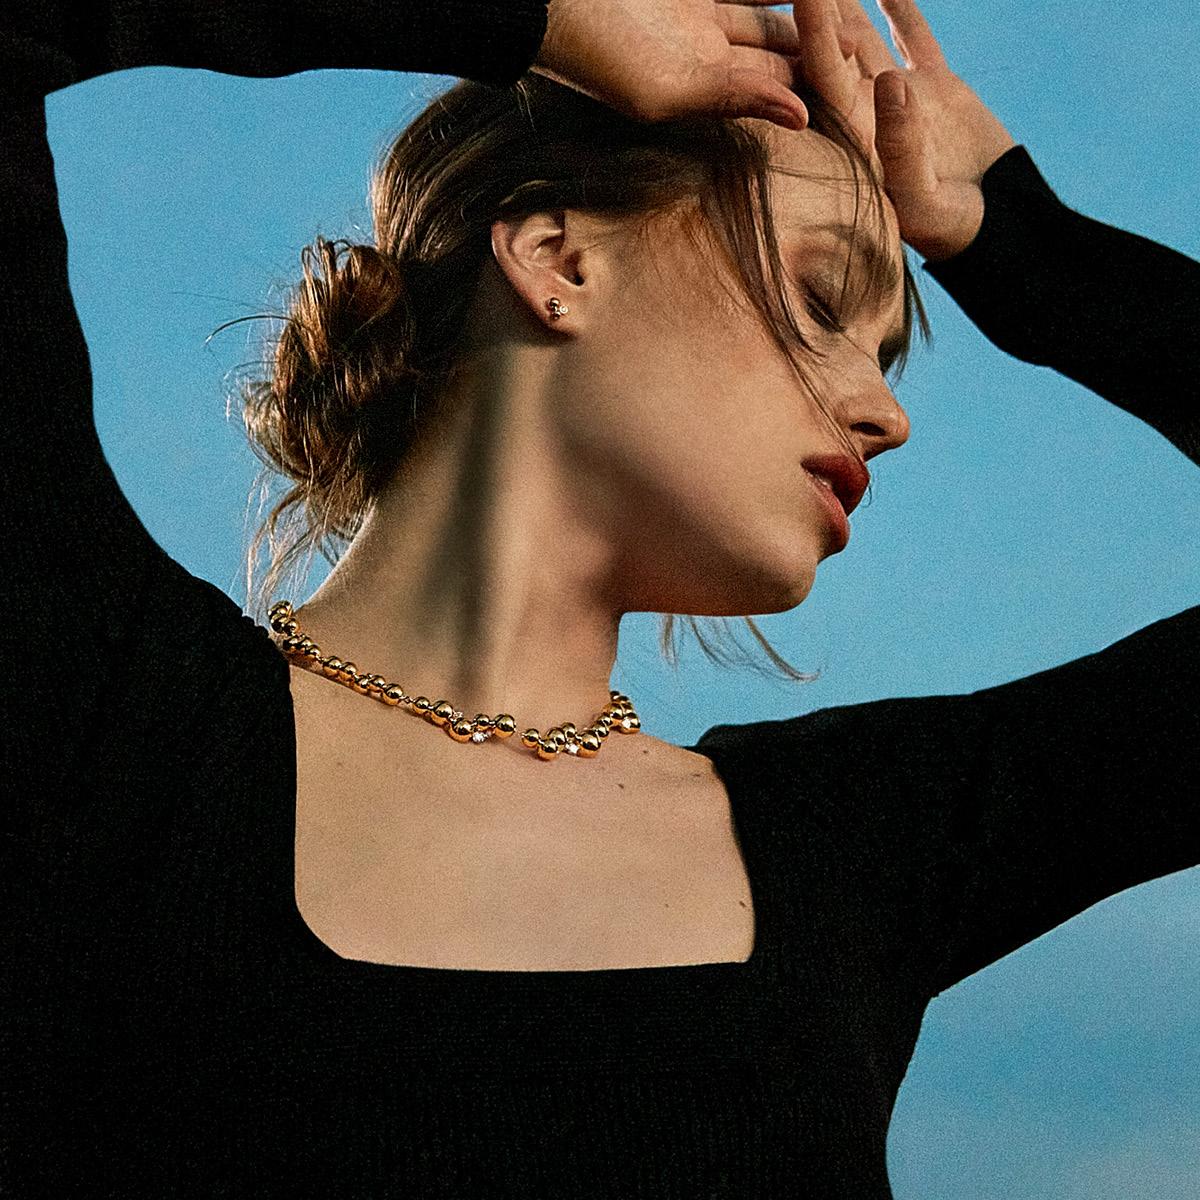 MOONLIGHT GRAPES halskæde med vedhæng